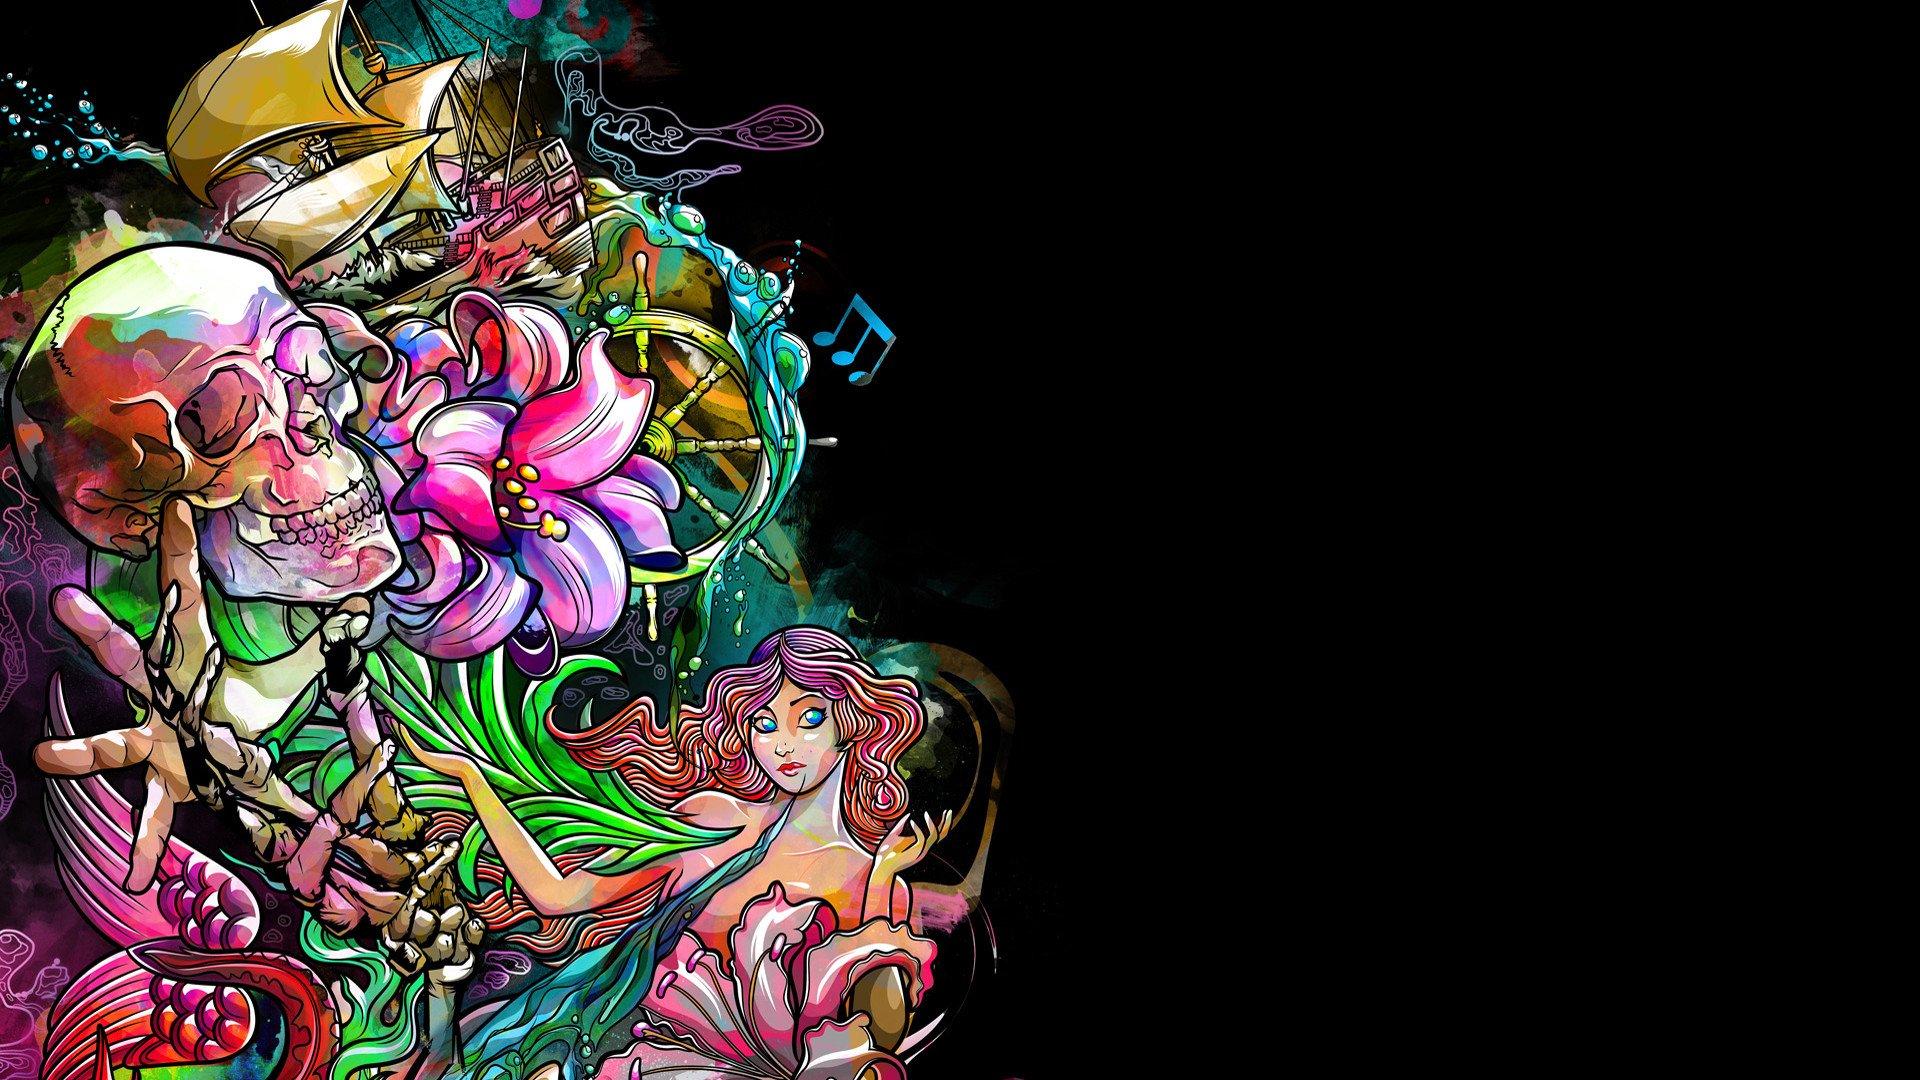 Dark skull fantasy psychedelic tattoo wallpaper 1920x1080 329301 1920x1080